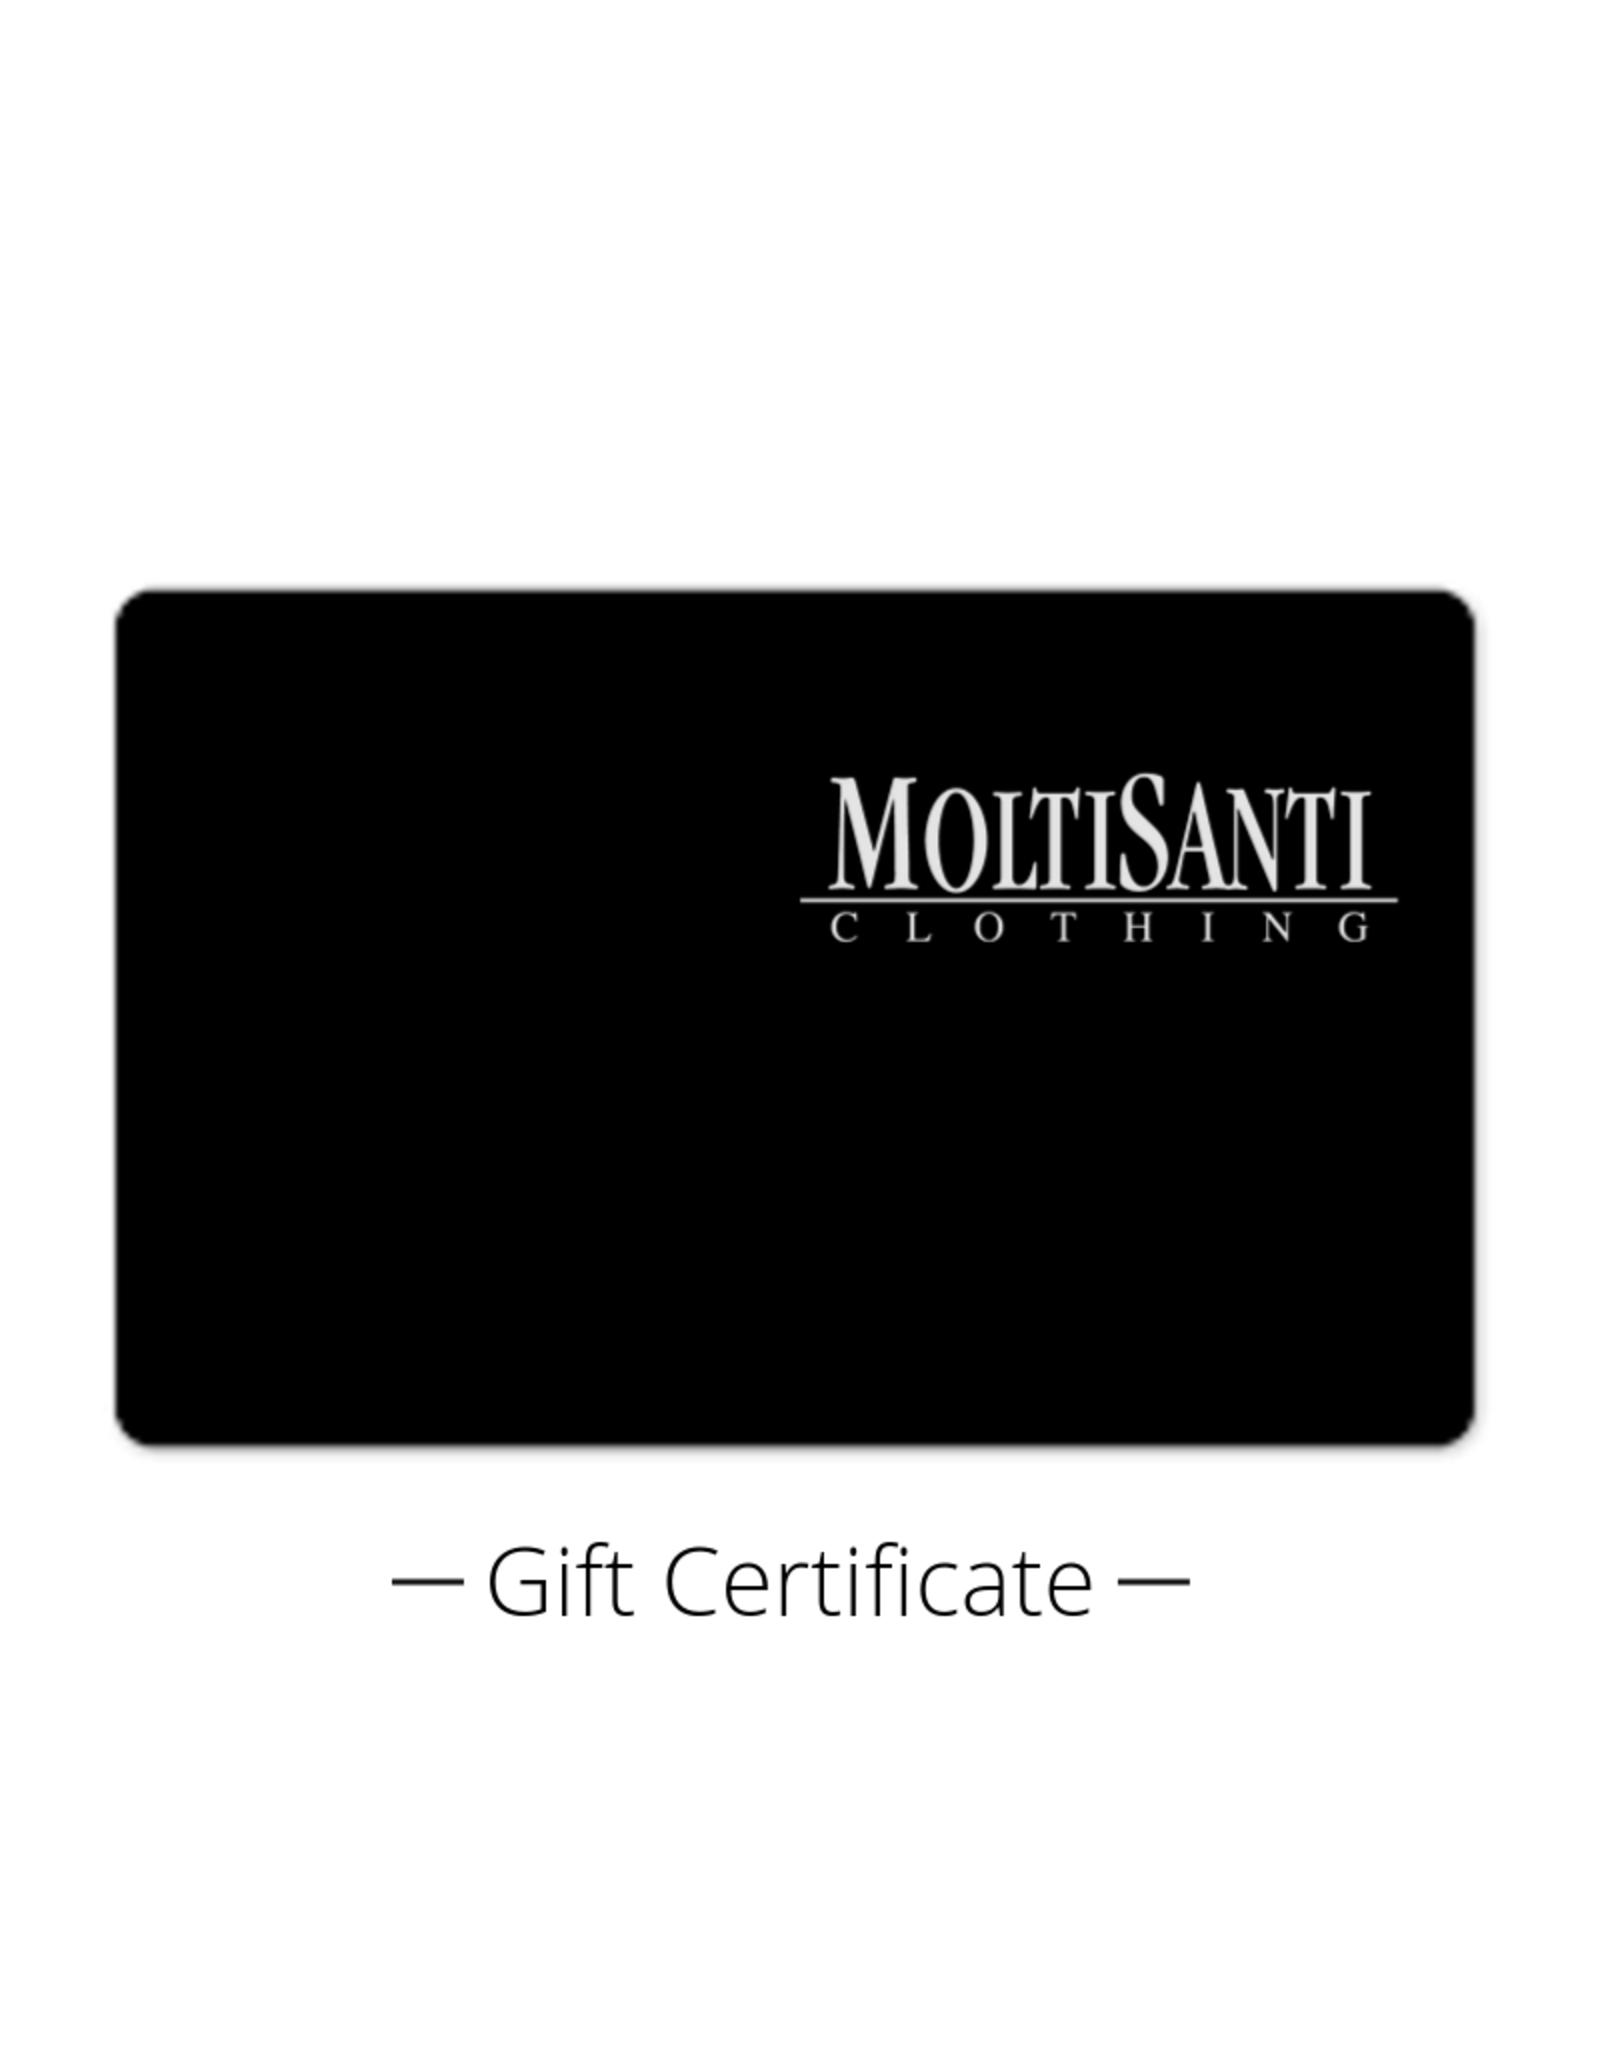 $25 Moltisanti Gift Certificate